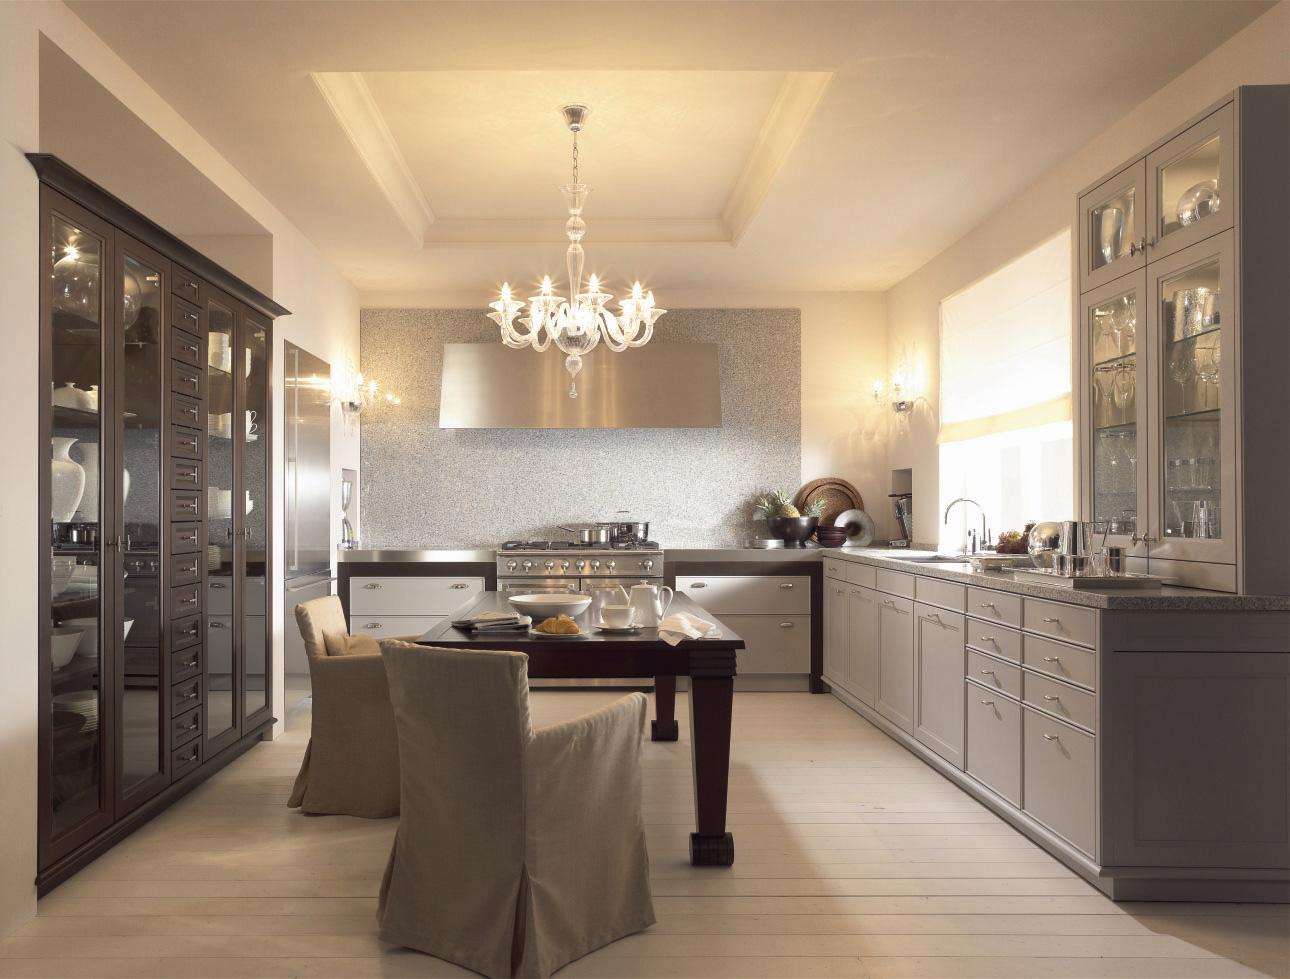 Moderne landhausküche siematic  Moderne Landhausküche Siematic | ambiznes.com